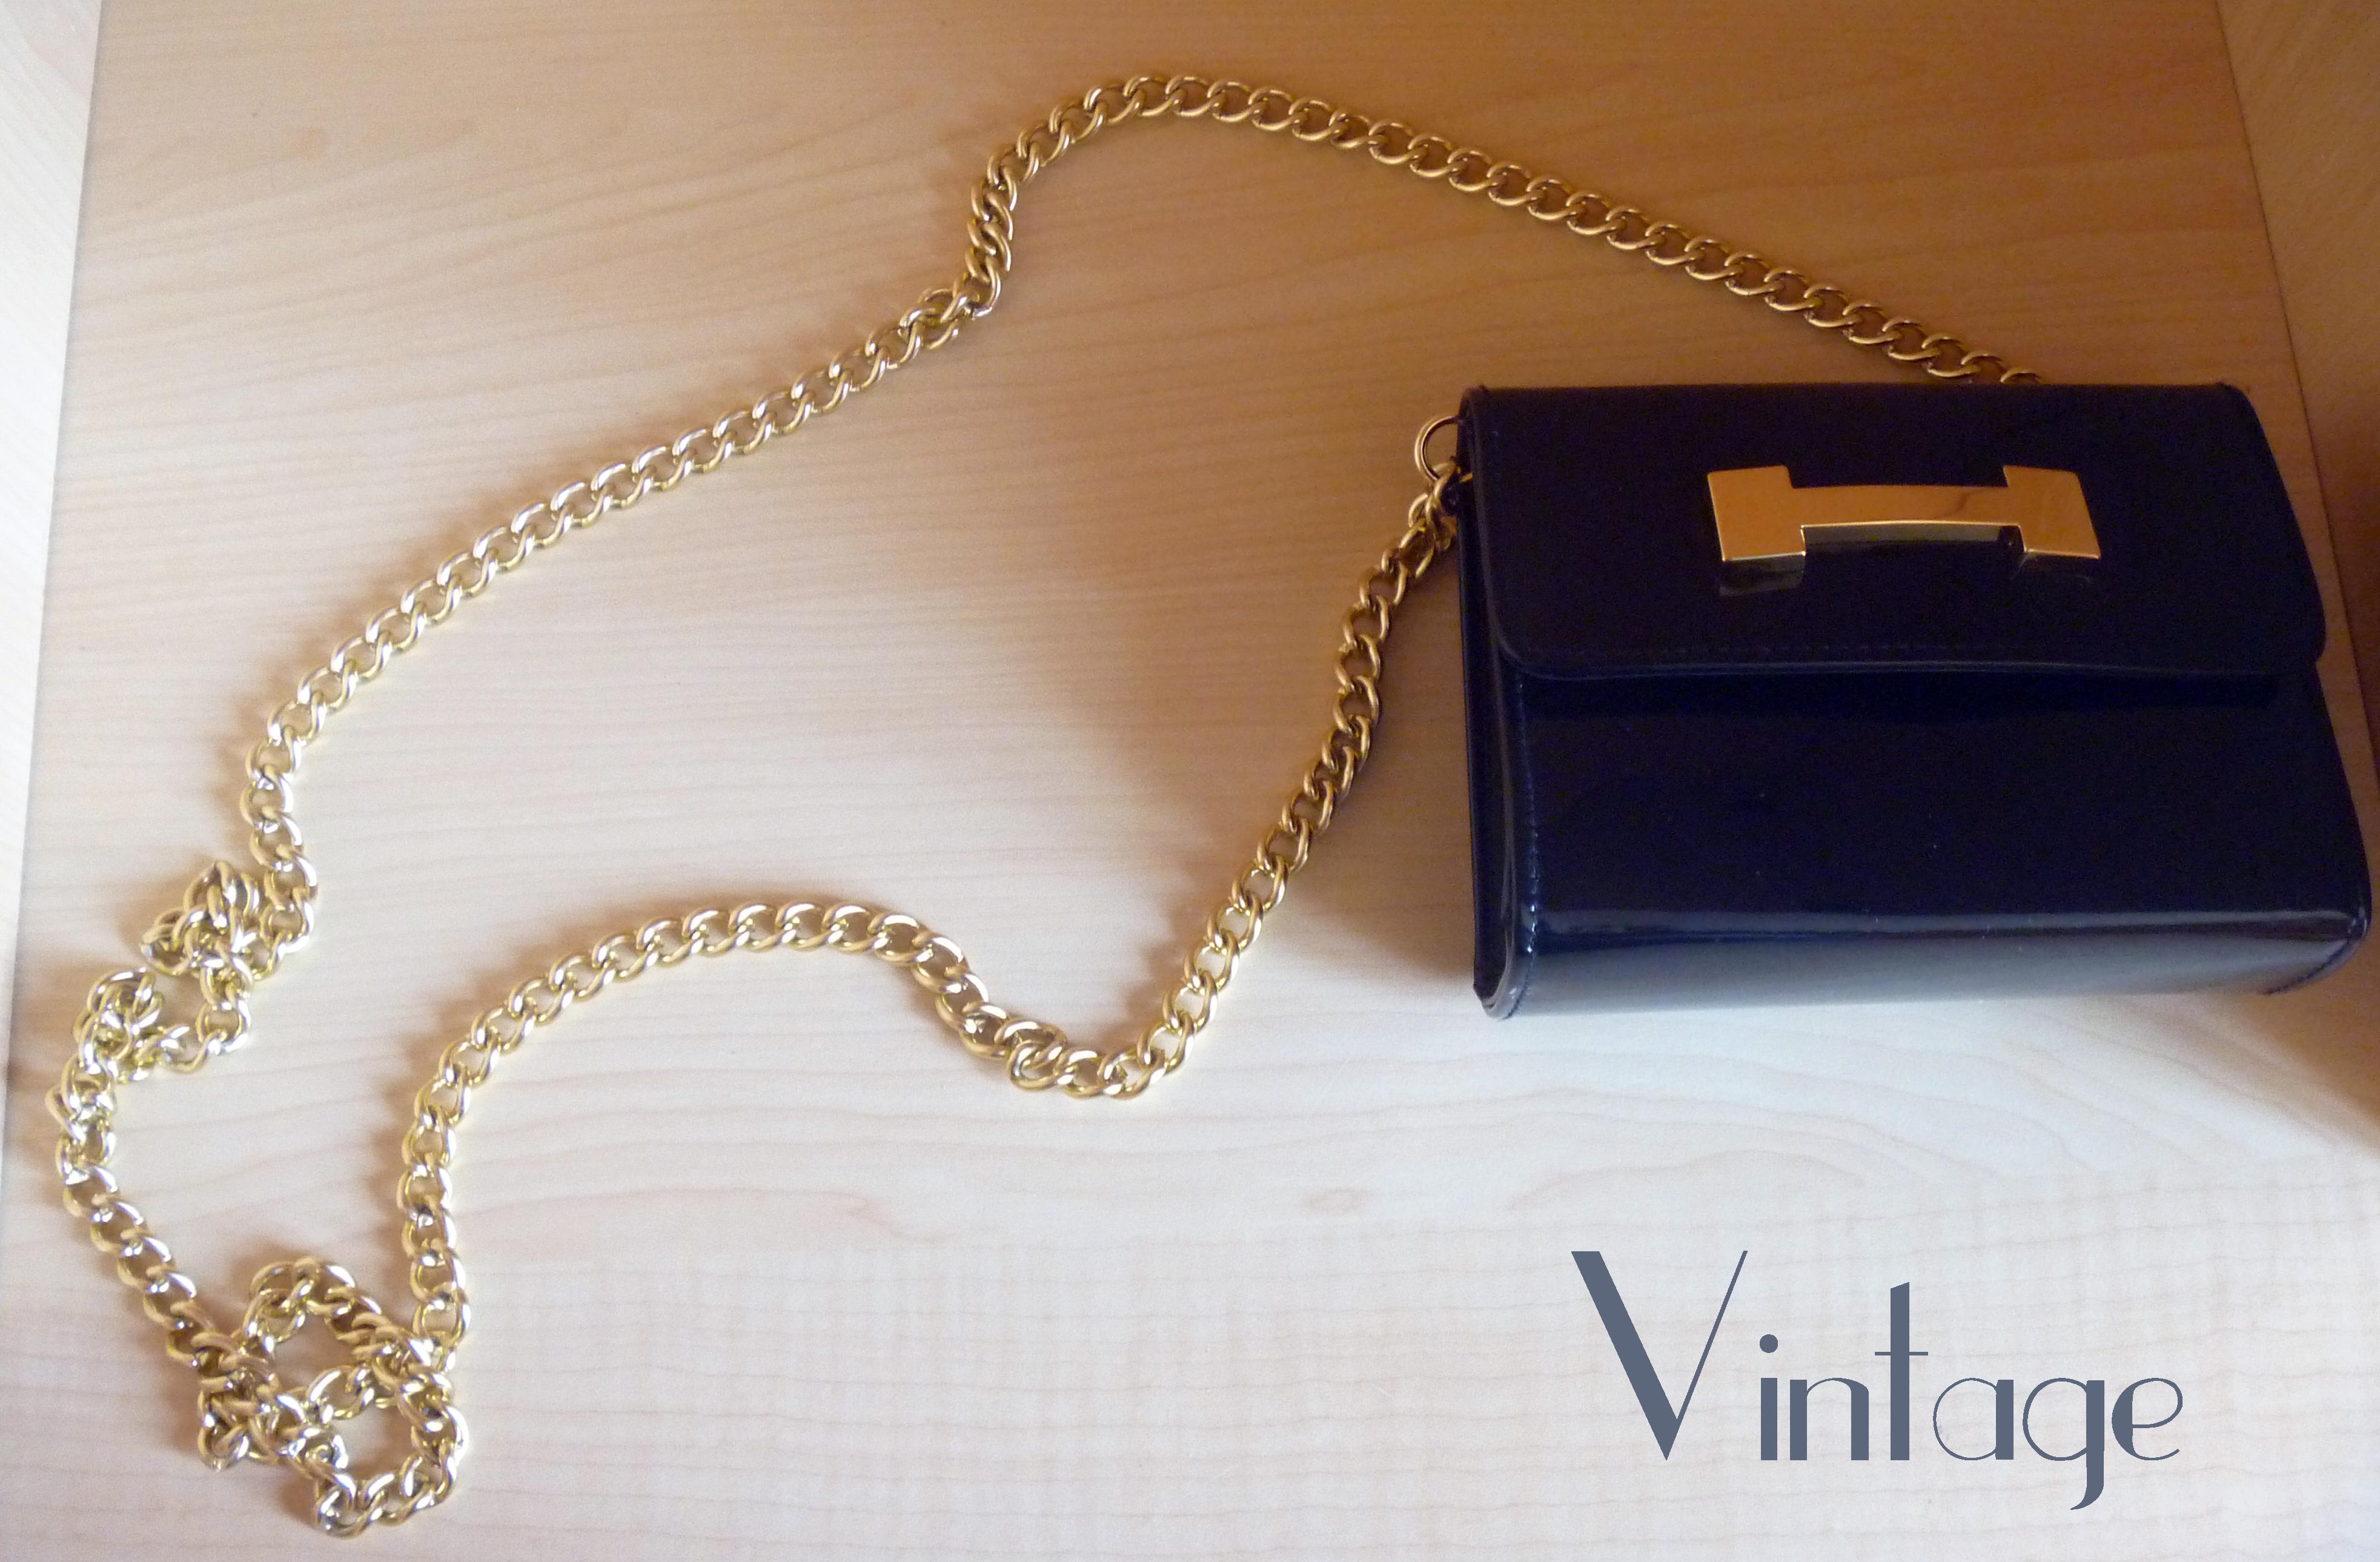 bolso vintage verano